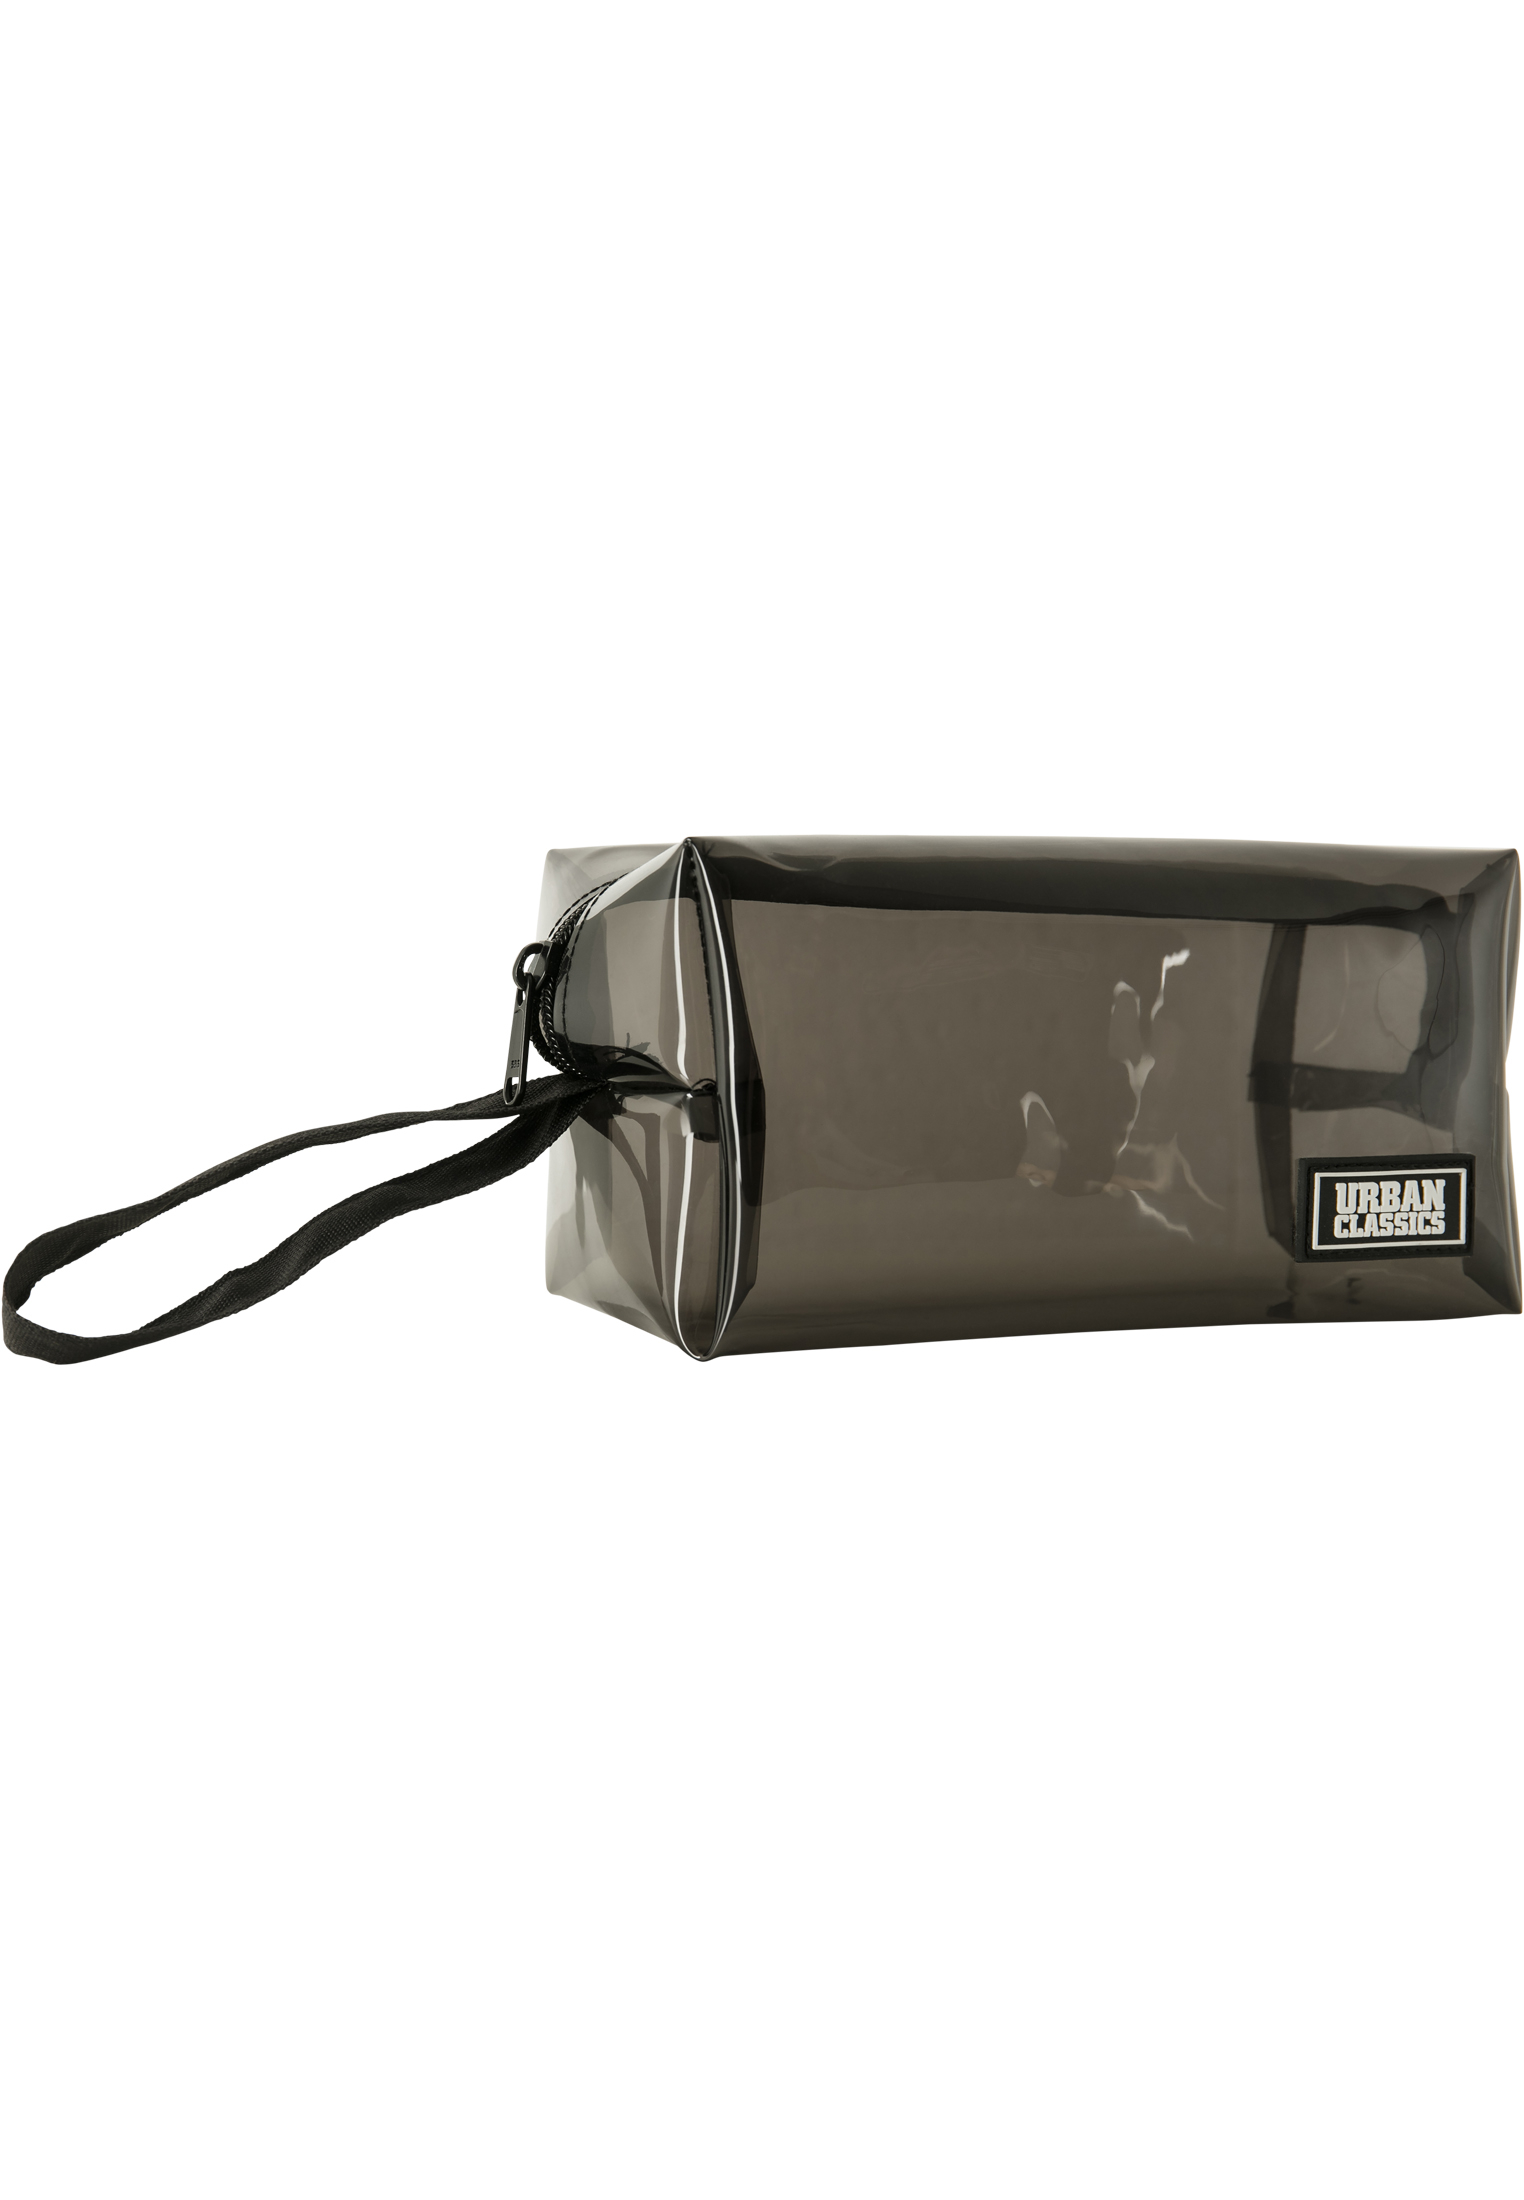 Urban Classics Tranparent Cosmetic Bag transparentblack - One Size